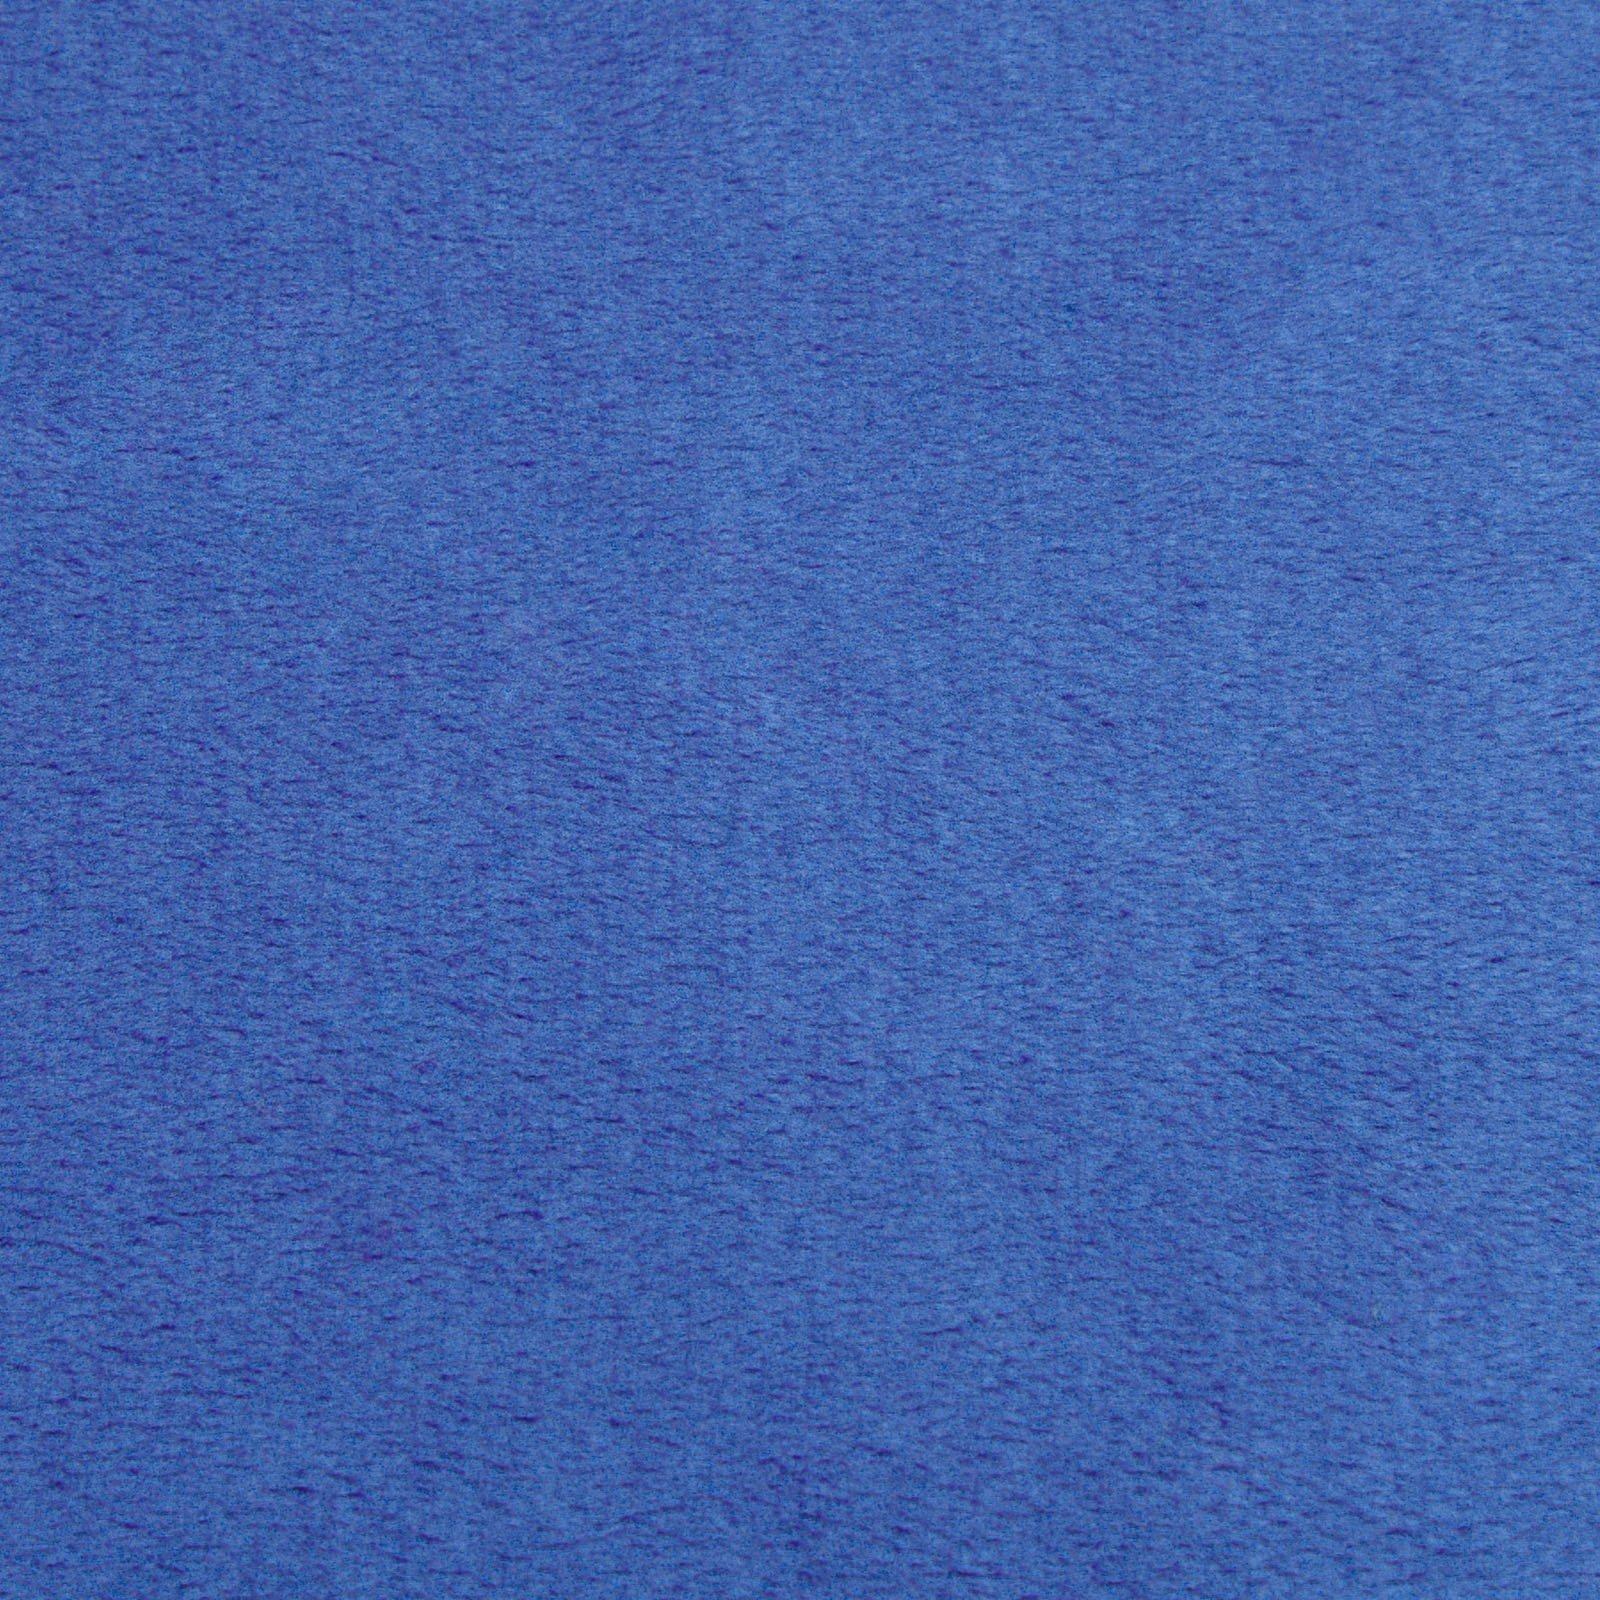 Cuddle 3 Solids - Electric Blue - SHAC3-ELB